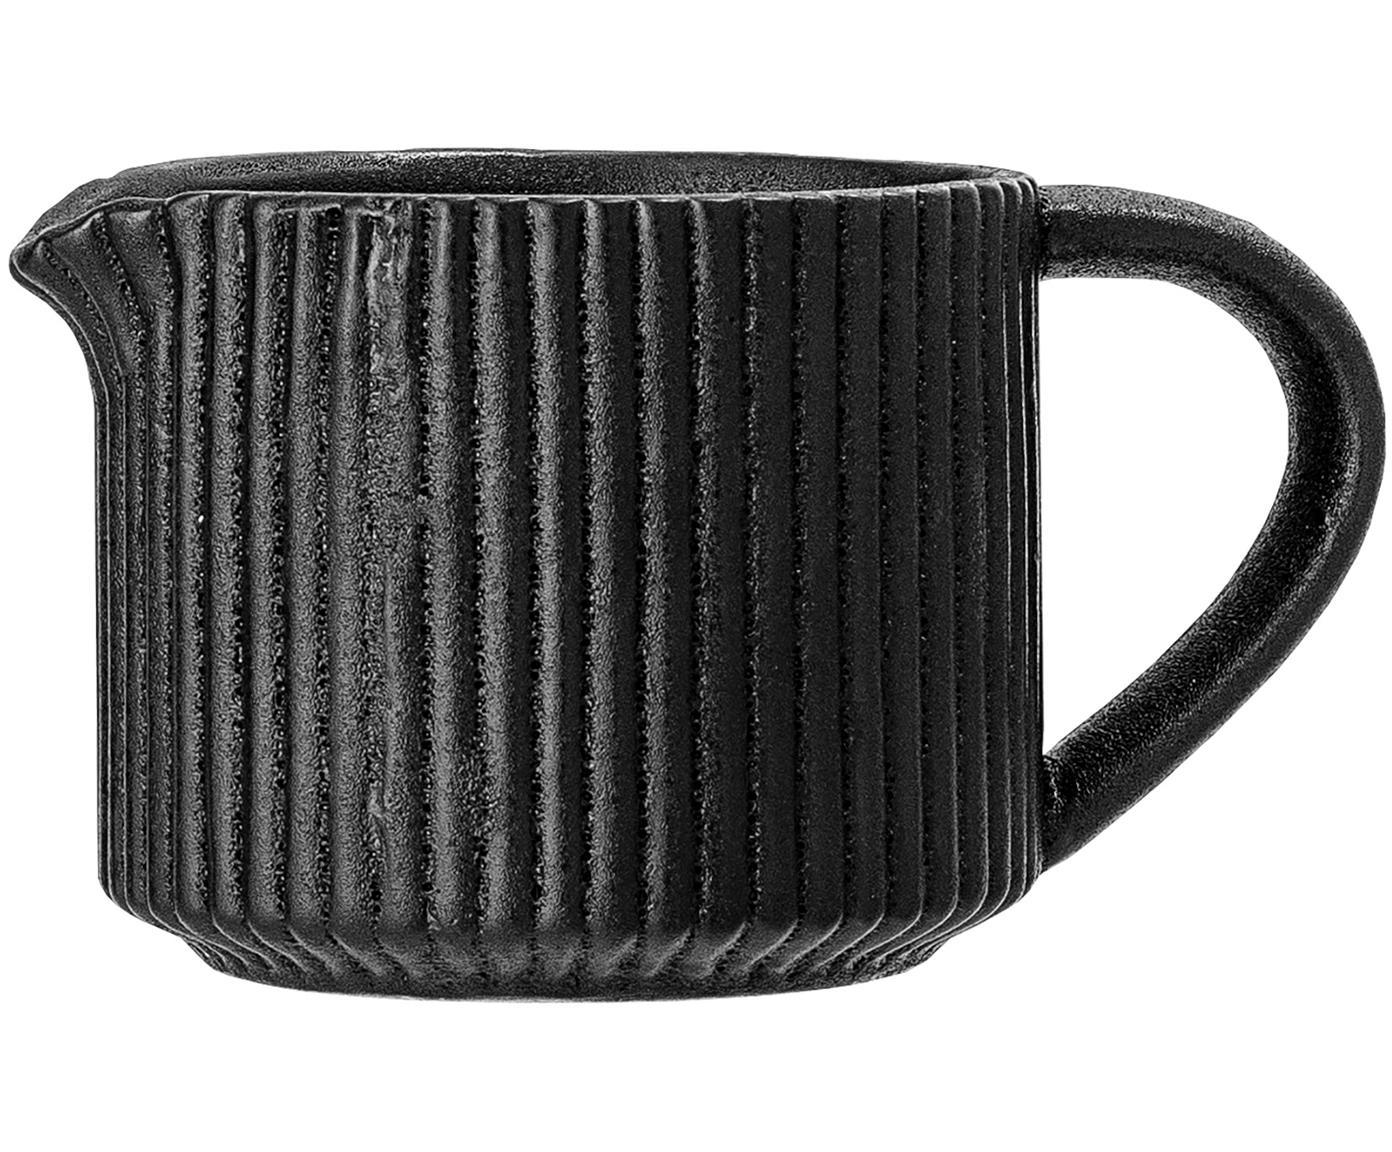 Melkkan Neri met groefstructuur in mat zwart, Keramiek, Zwart, Ø 8 x H 7 cm